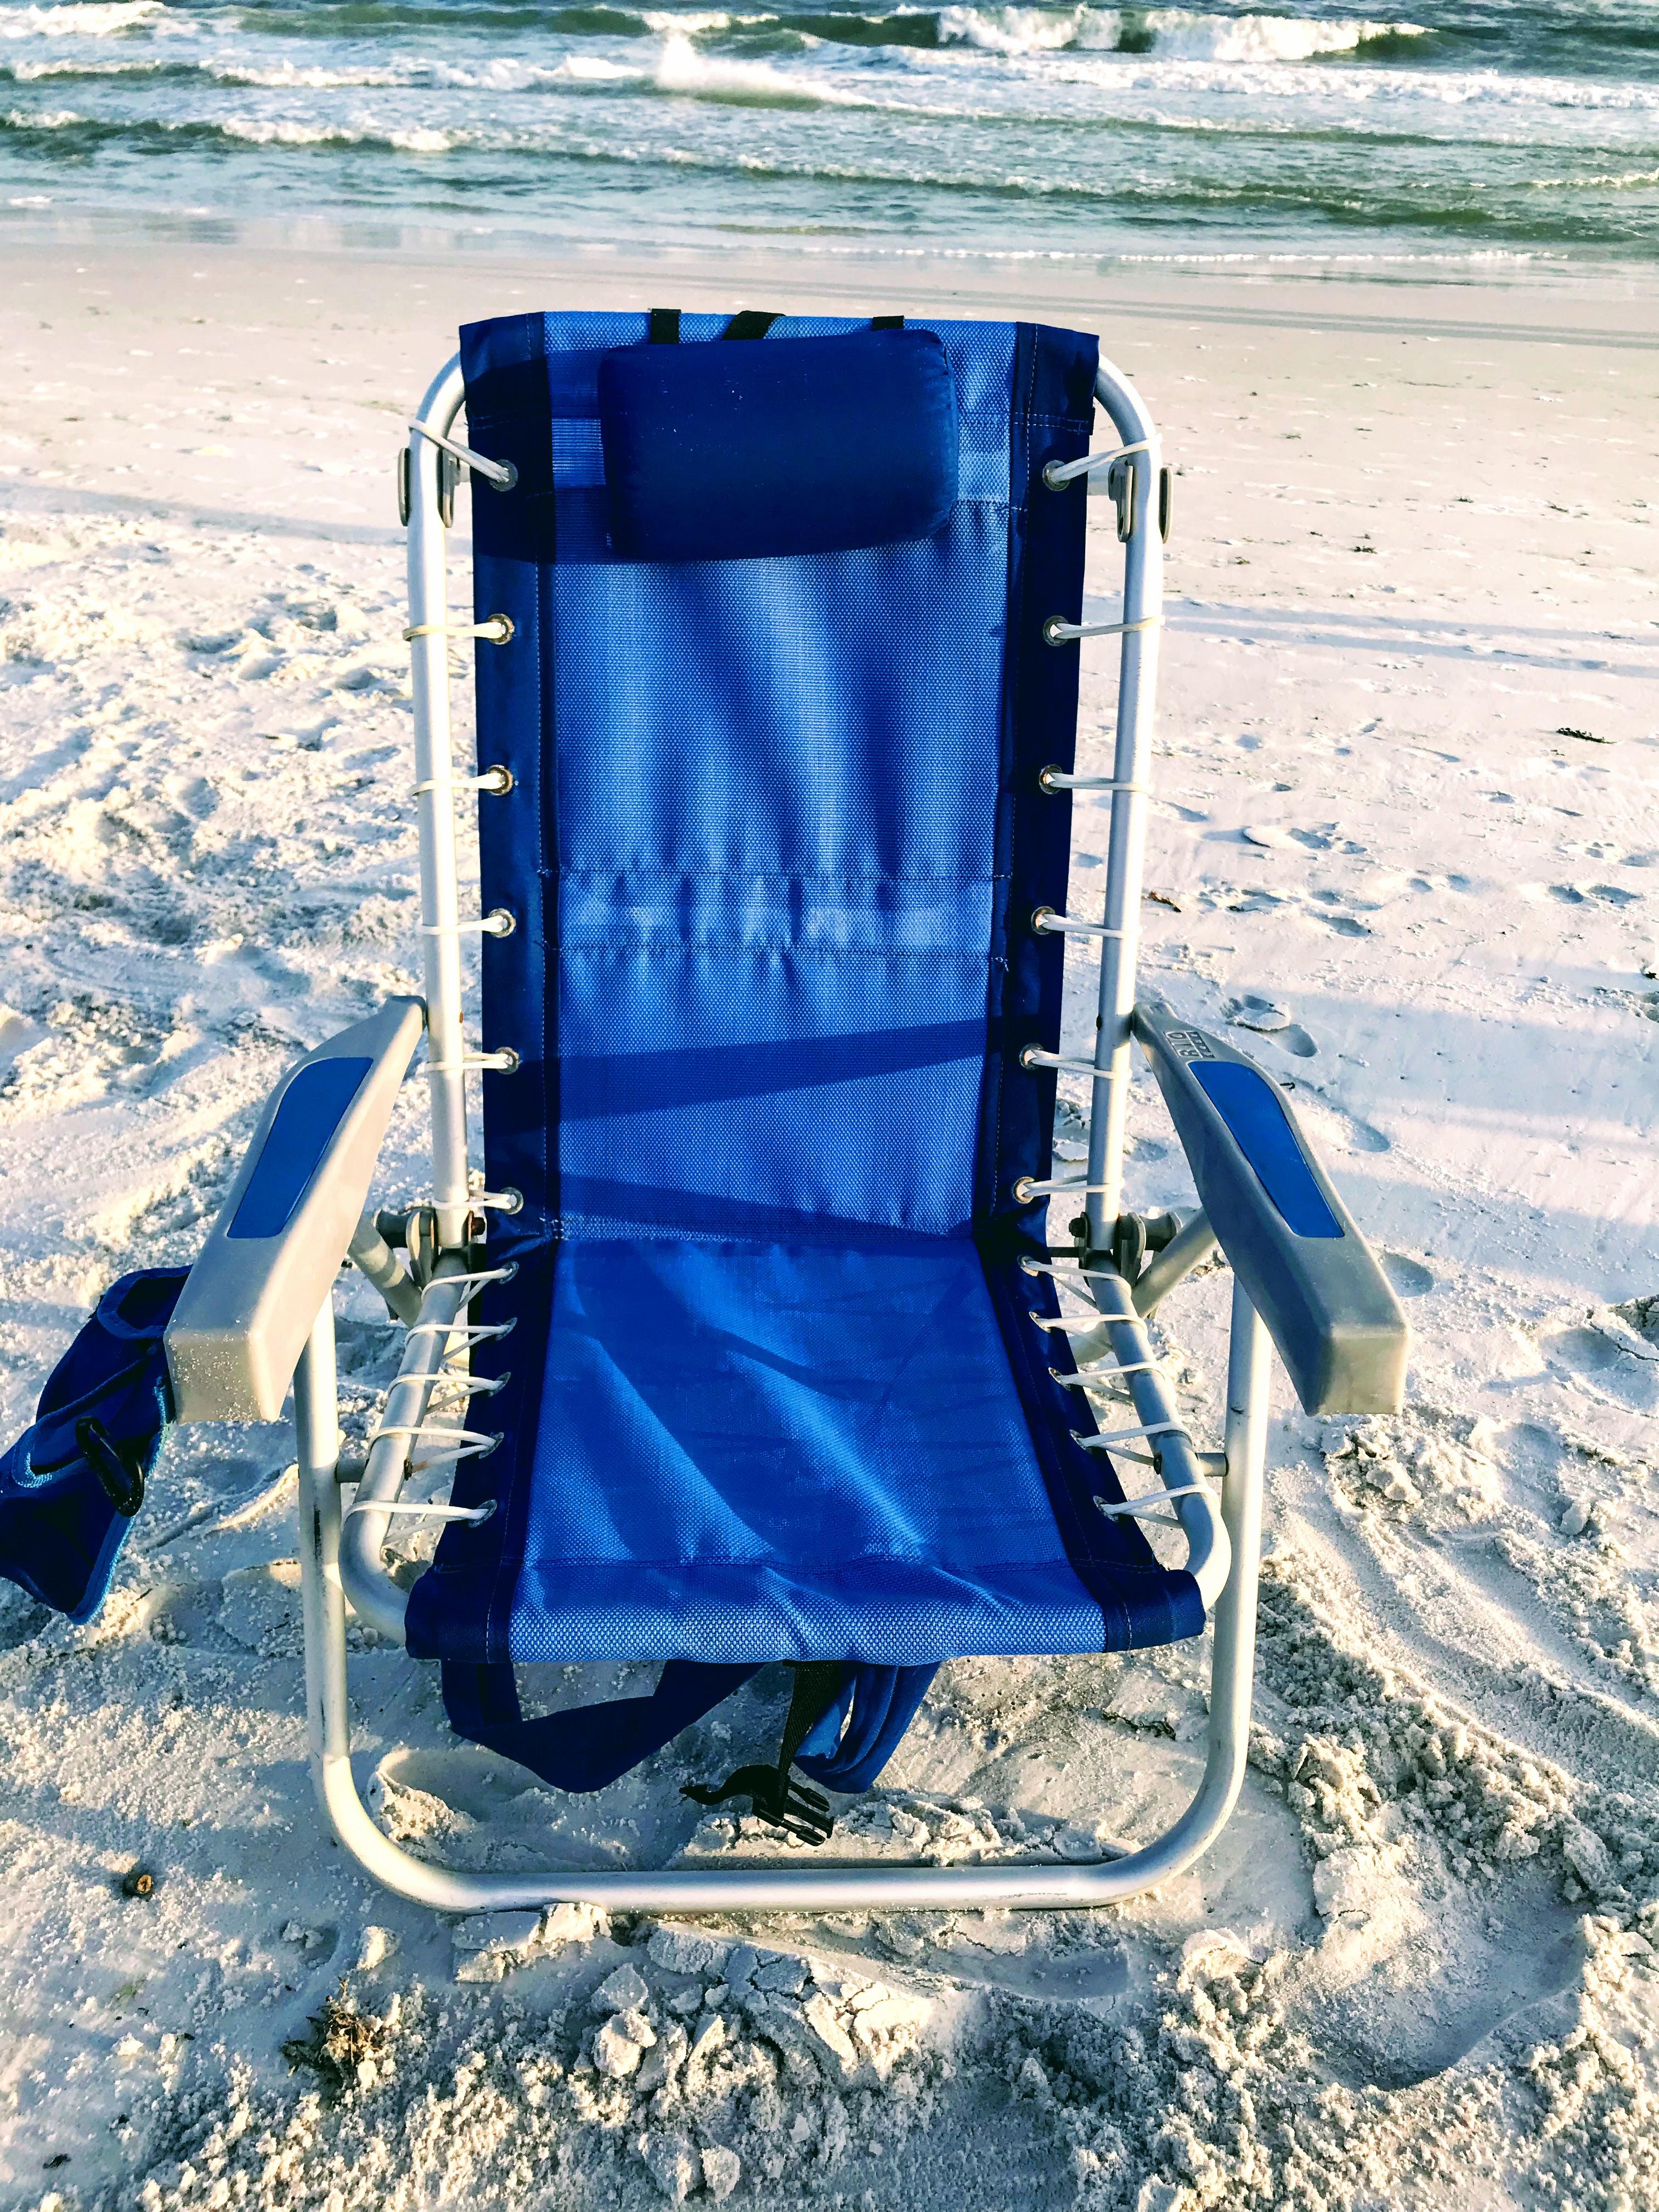 Rio high back beach chair